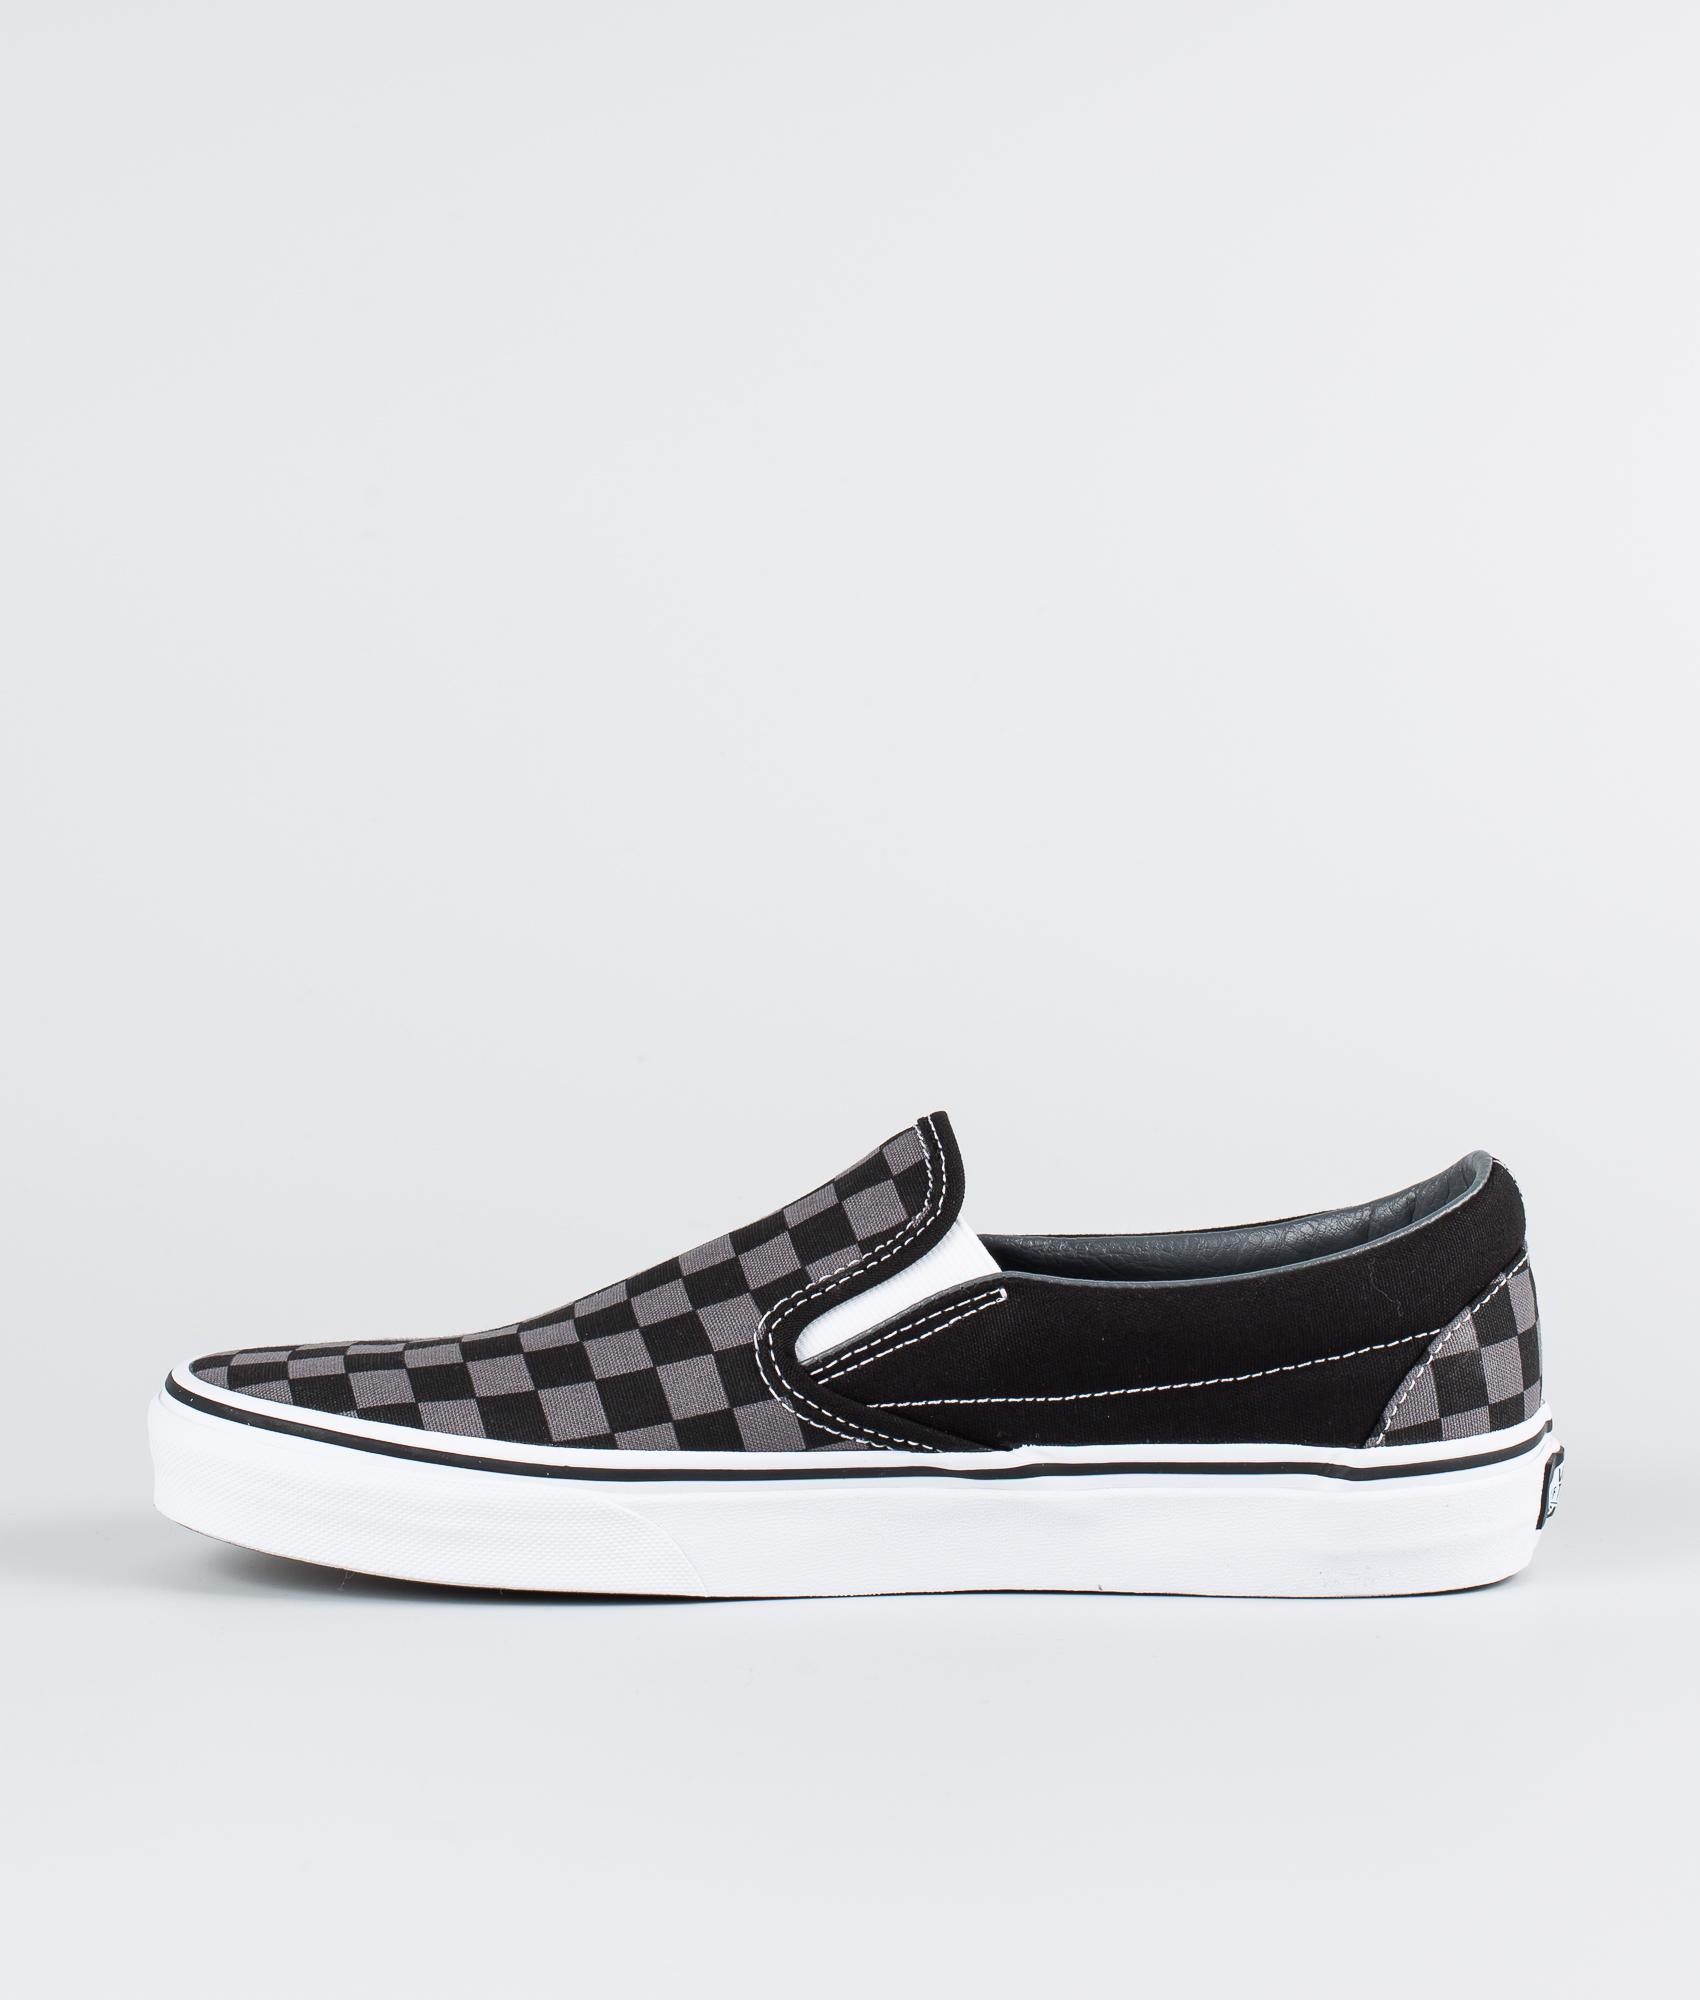 scarpe vans checkerboard